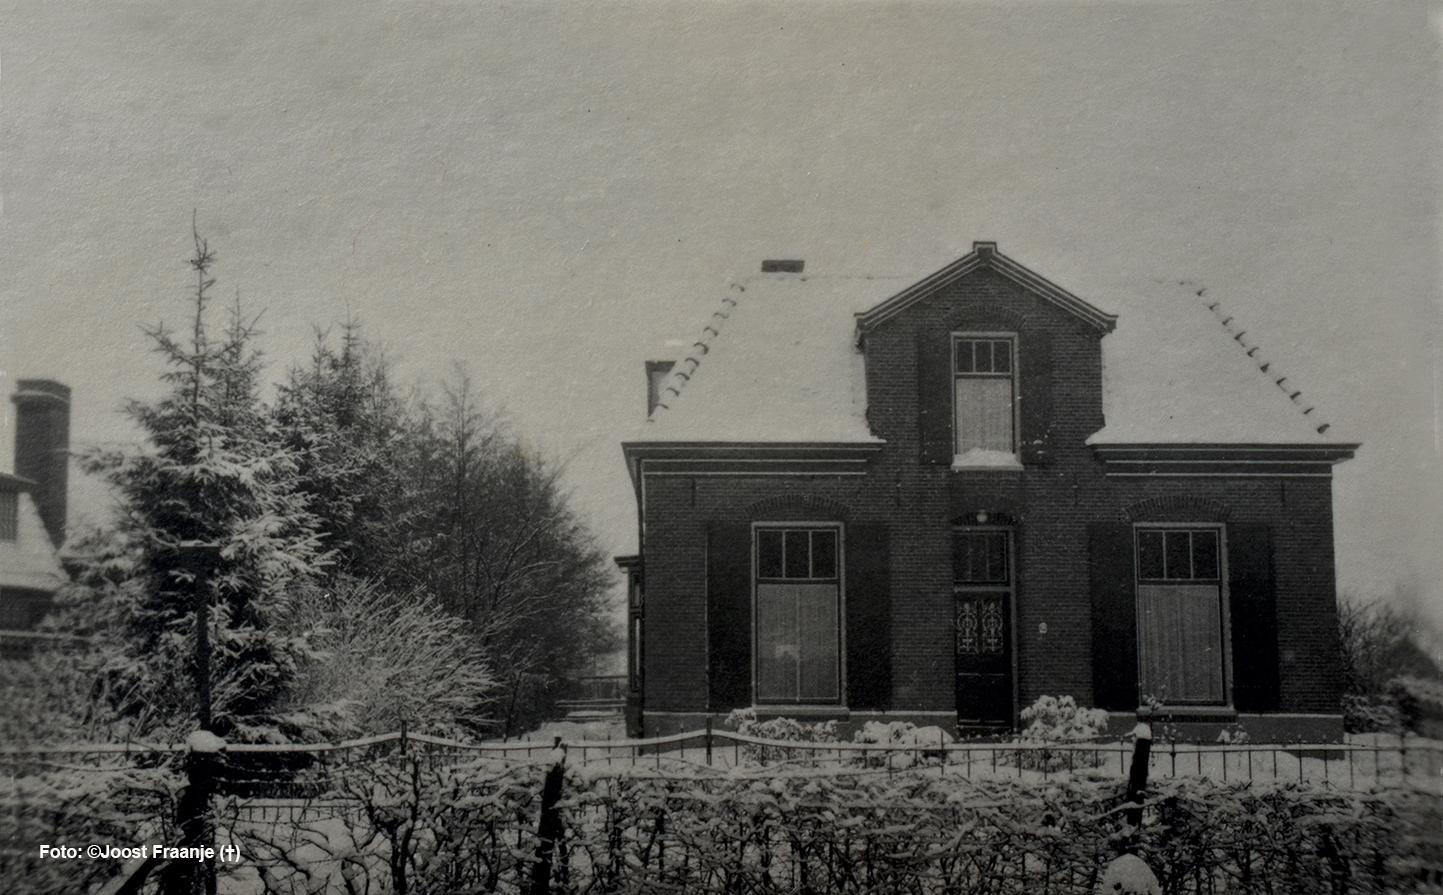 Een prachtige winterse opname van de oude pastorie aan de Ds. Fraanjestraat in Barneveld - Foto: ©Joost Fraanje(†)